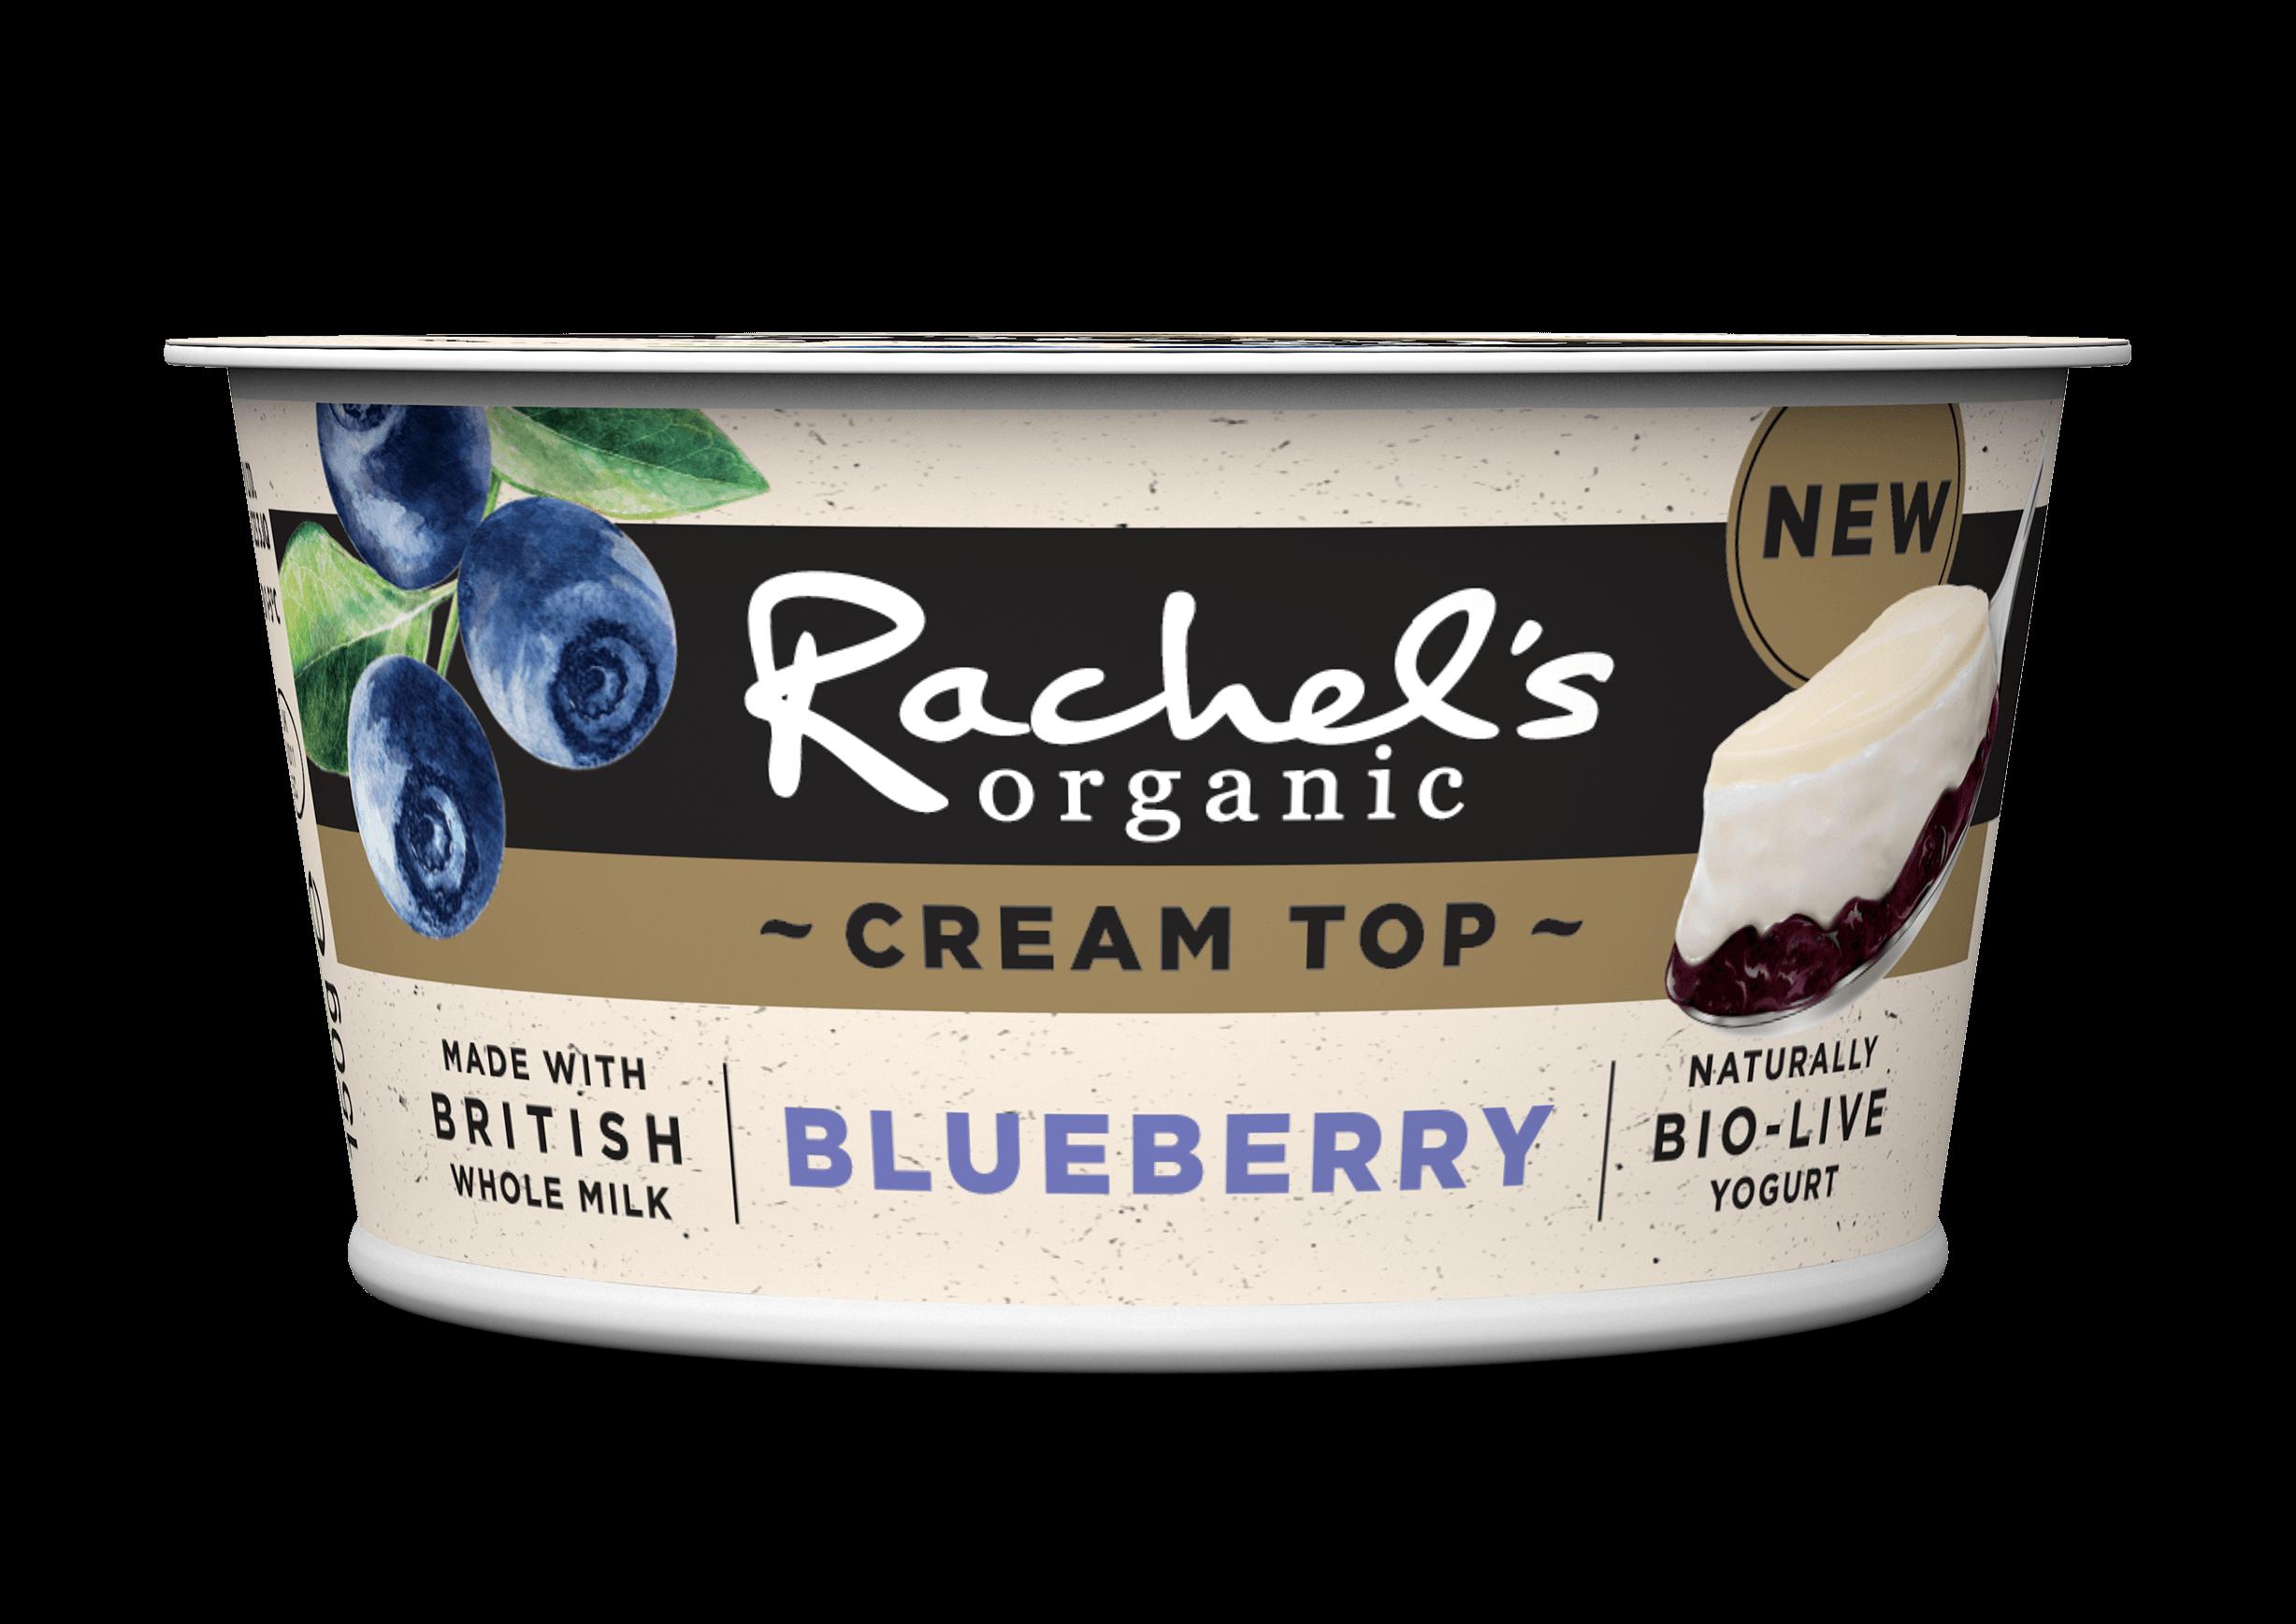 https://www.rachelsorganic.co.uk/wp-content/uploads/2020/07/3D-RACHELS-150G-POT-ORGANIC-CREAM-BLUEBERRY-FRONT_LAYERED.png